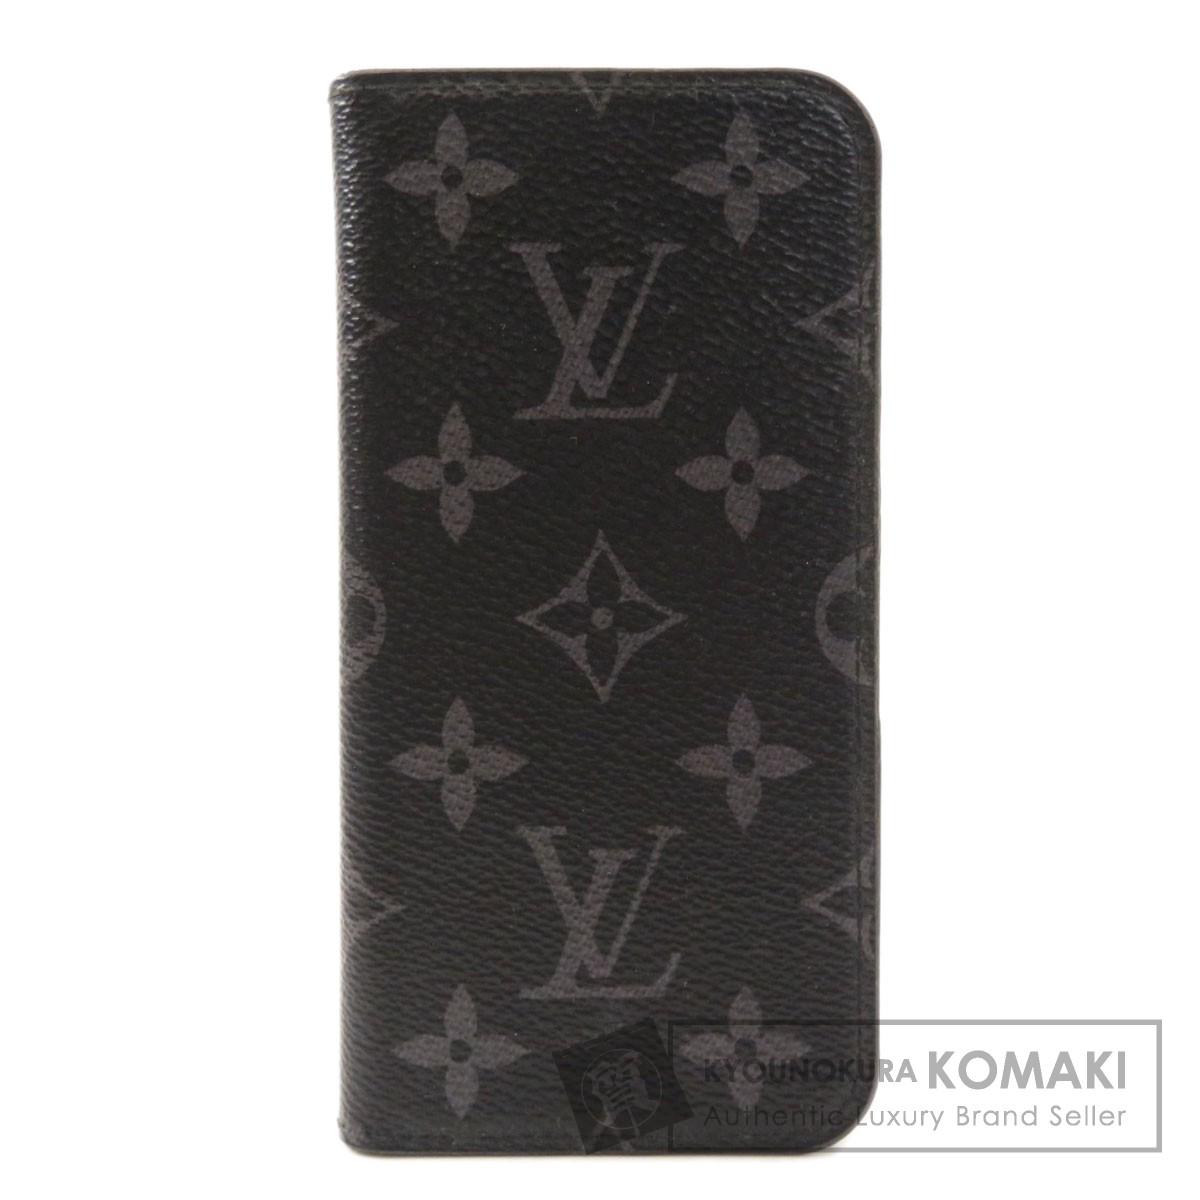 新品■送料無料■ ルイヴィトン M63446 フォリオ iPhone X 安心の定価販売 モノグラム エクリプス メンズ モノグラムエクリプス 中古 iPhoneケース LOUIS VUITTON